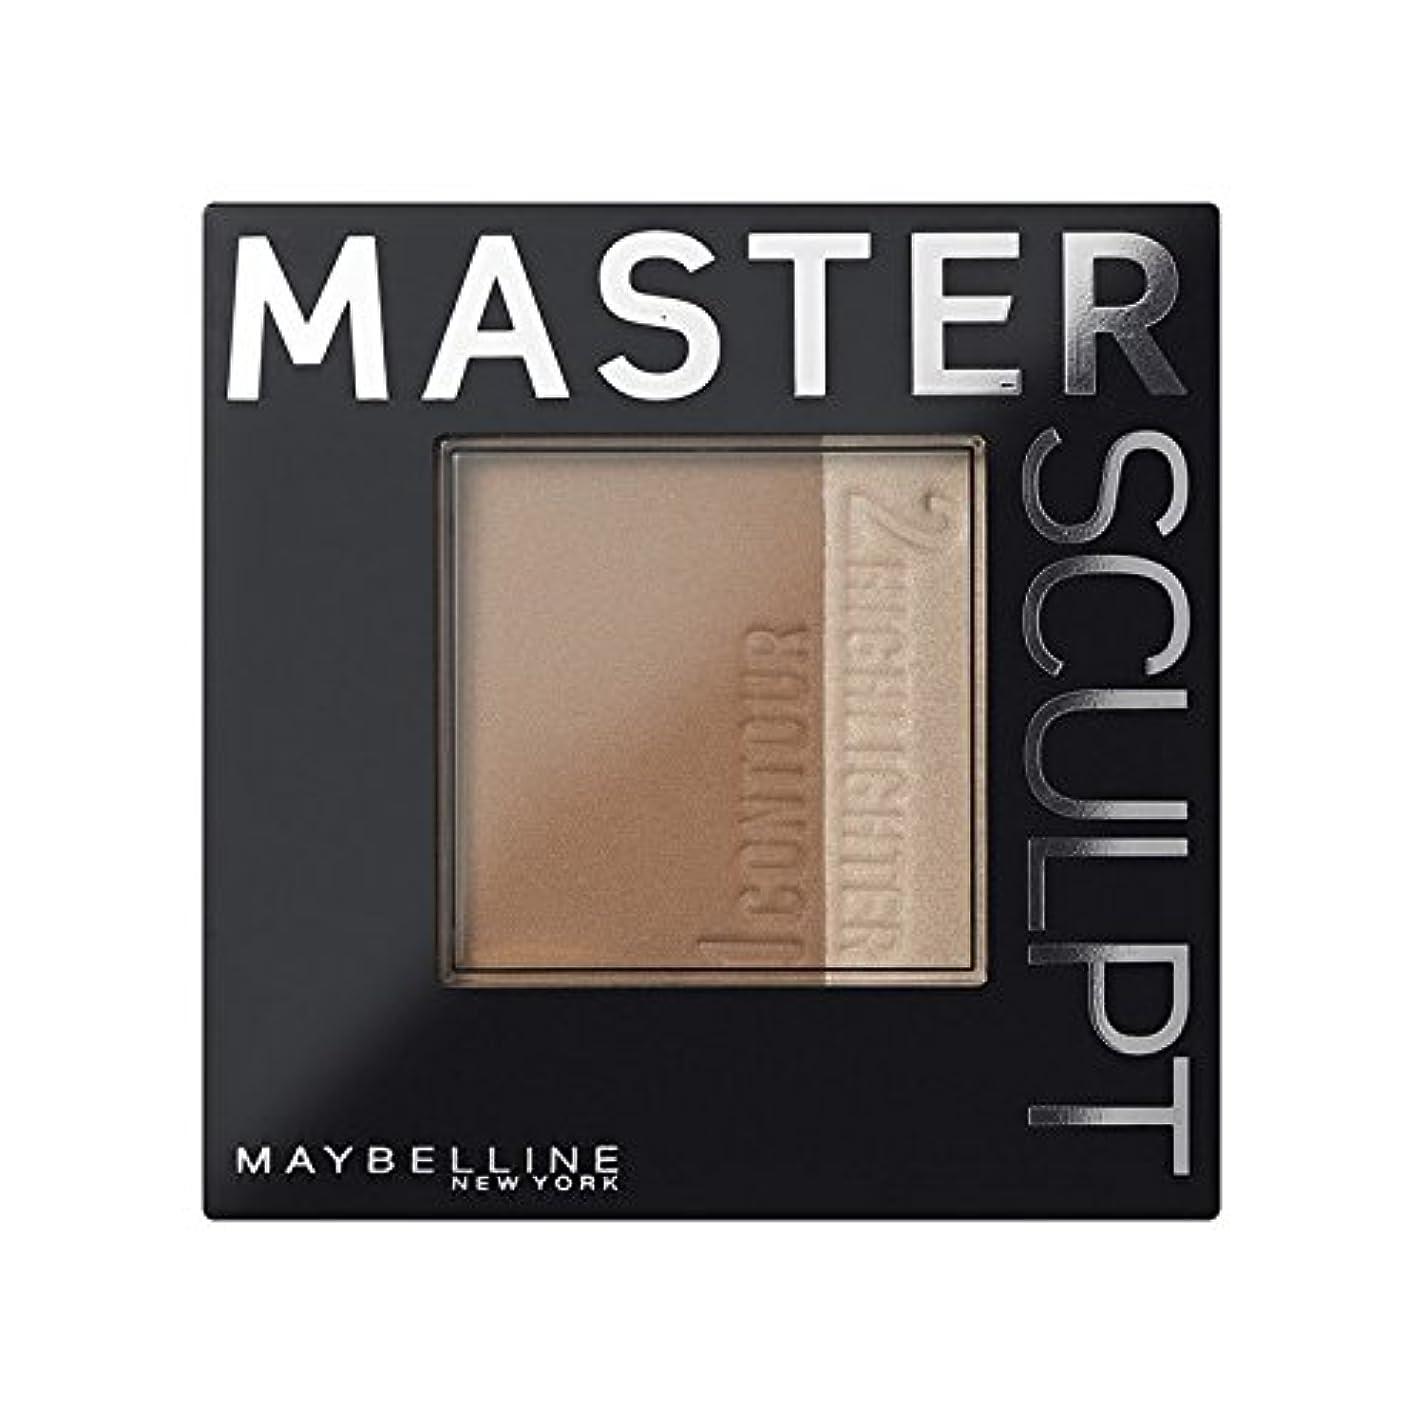 むしゃむしゃサイトサスティーン土台01光/ を輪郭メイベリンマスタースカルプト x2 - Maybelline Master Sculpt Contouring Foundation 01 Light/Med (Pack of 2) [並行輸入品]